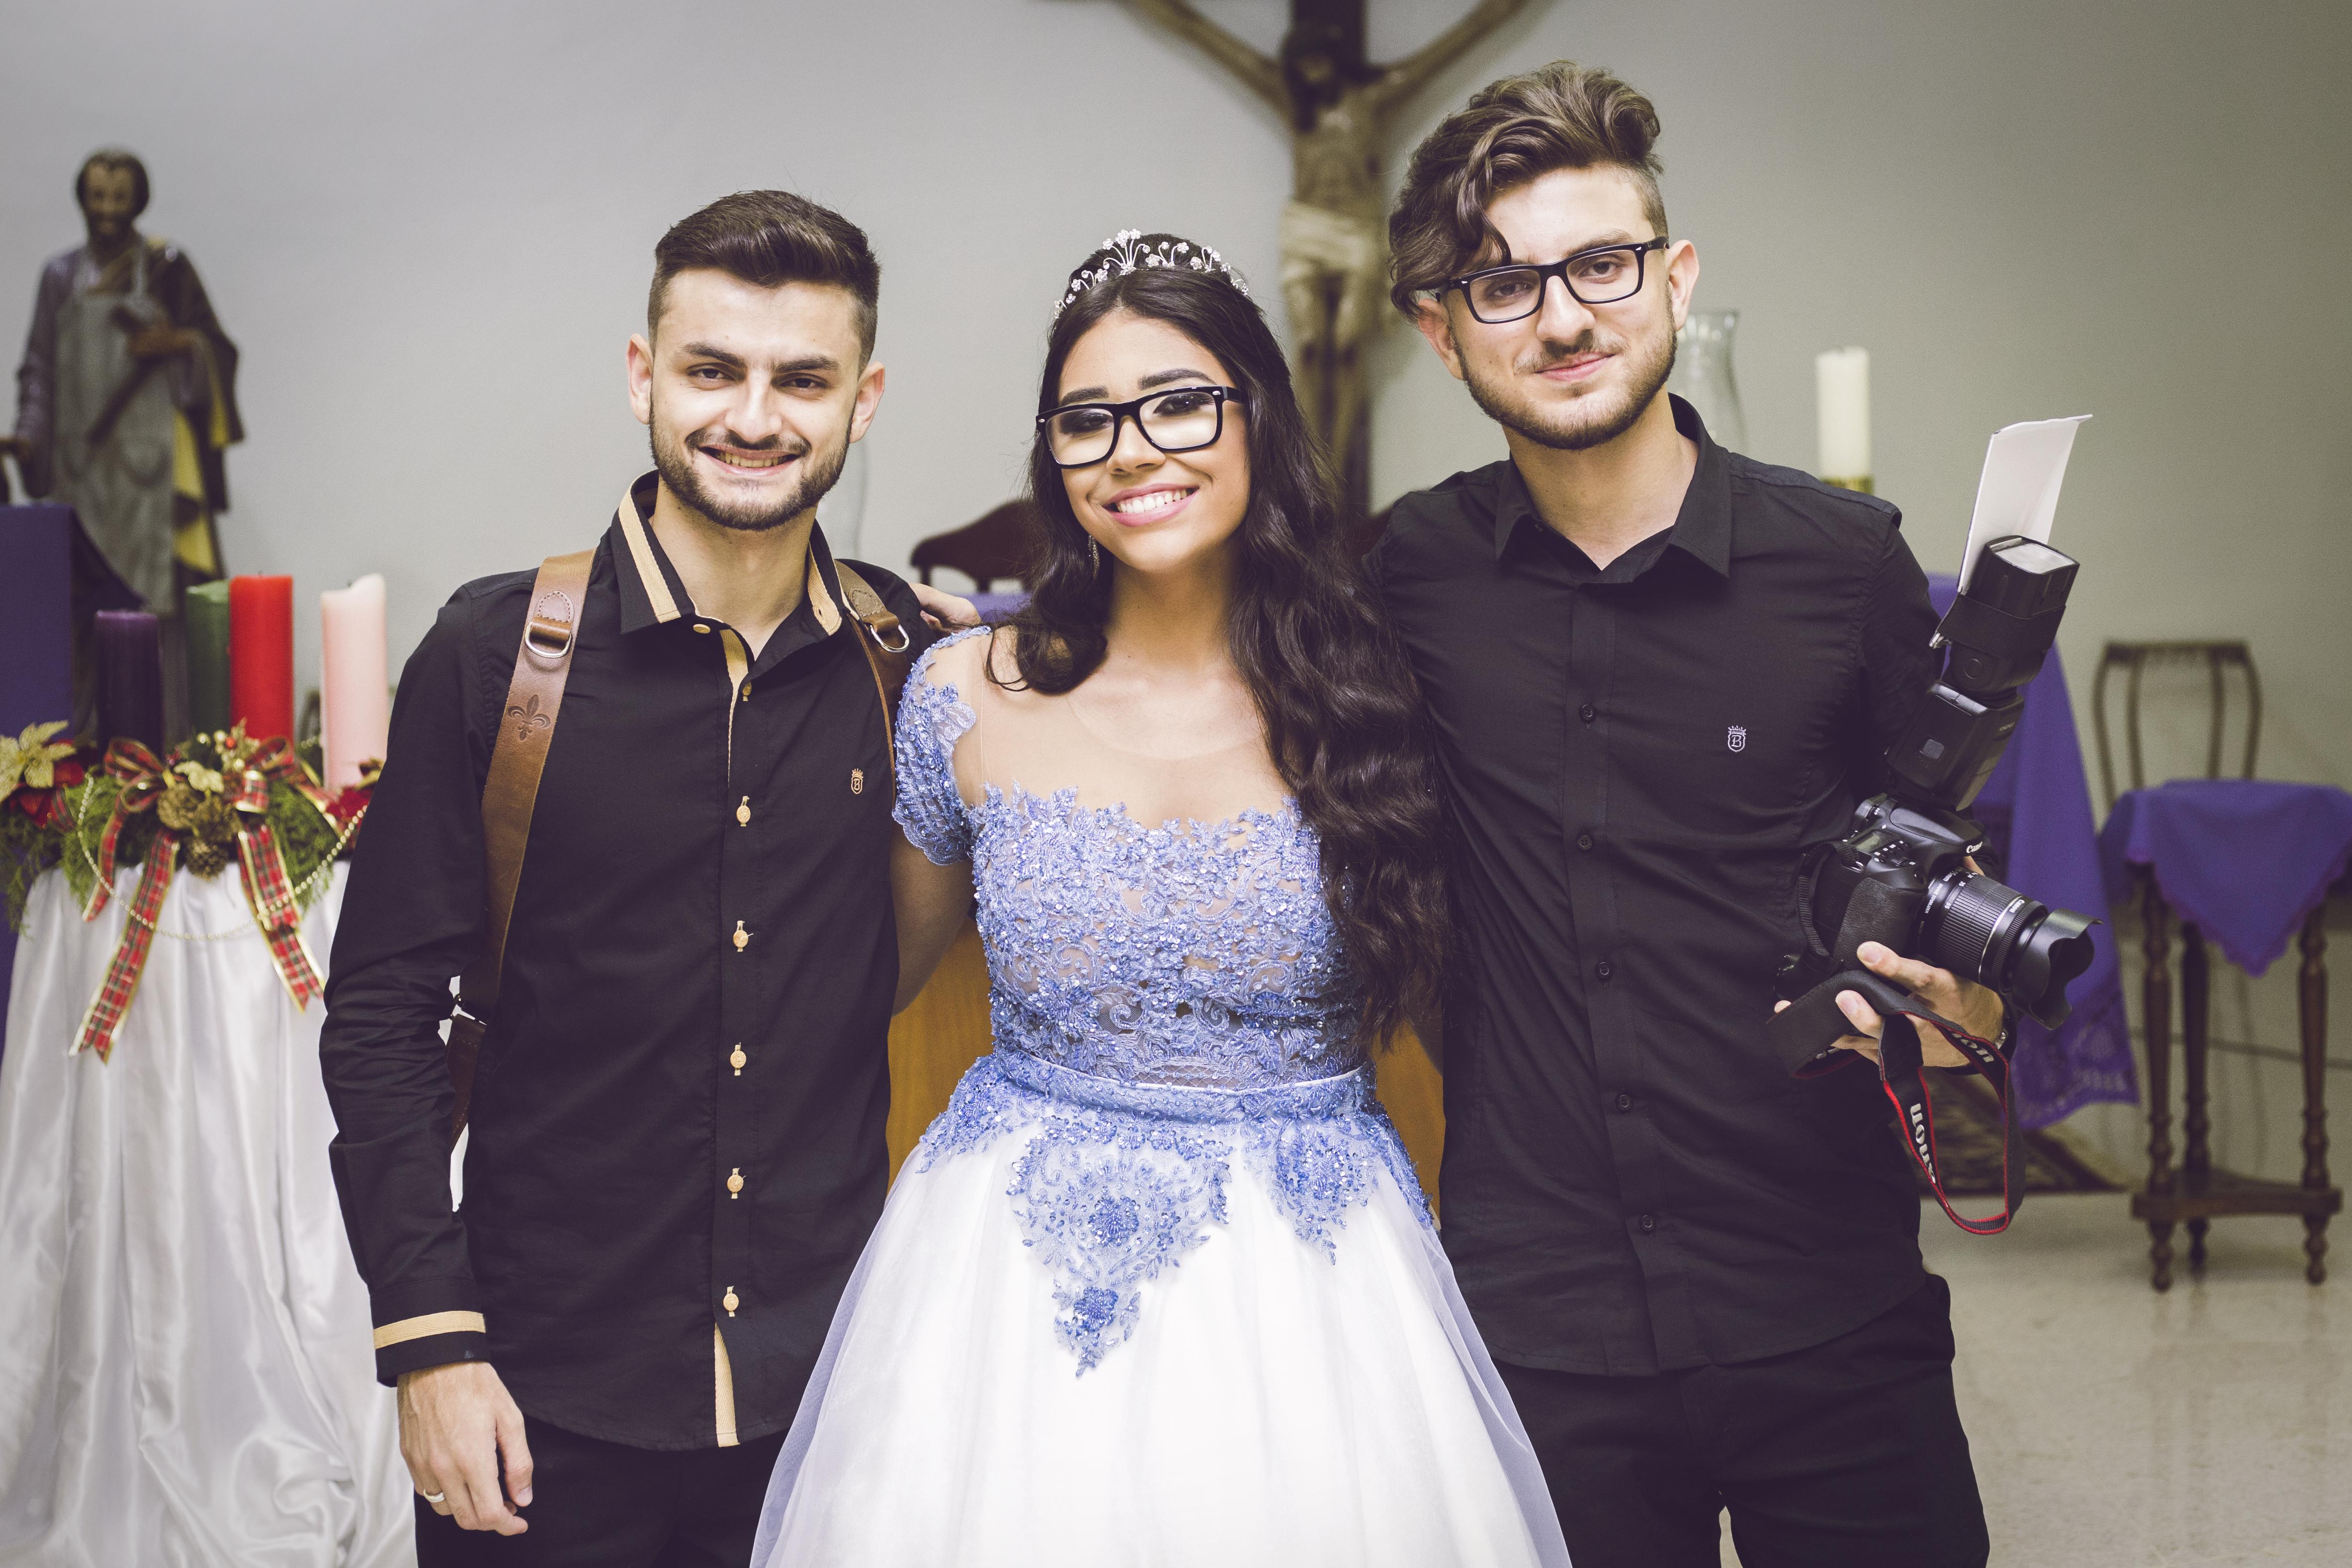 Contate Orlangee Fotografia - Casamentos, 15 anos e Ensaios